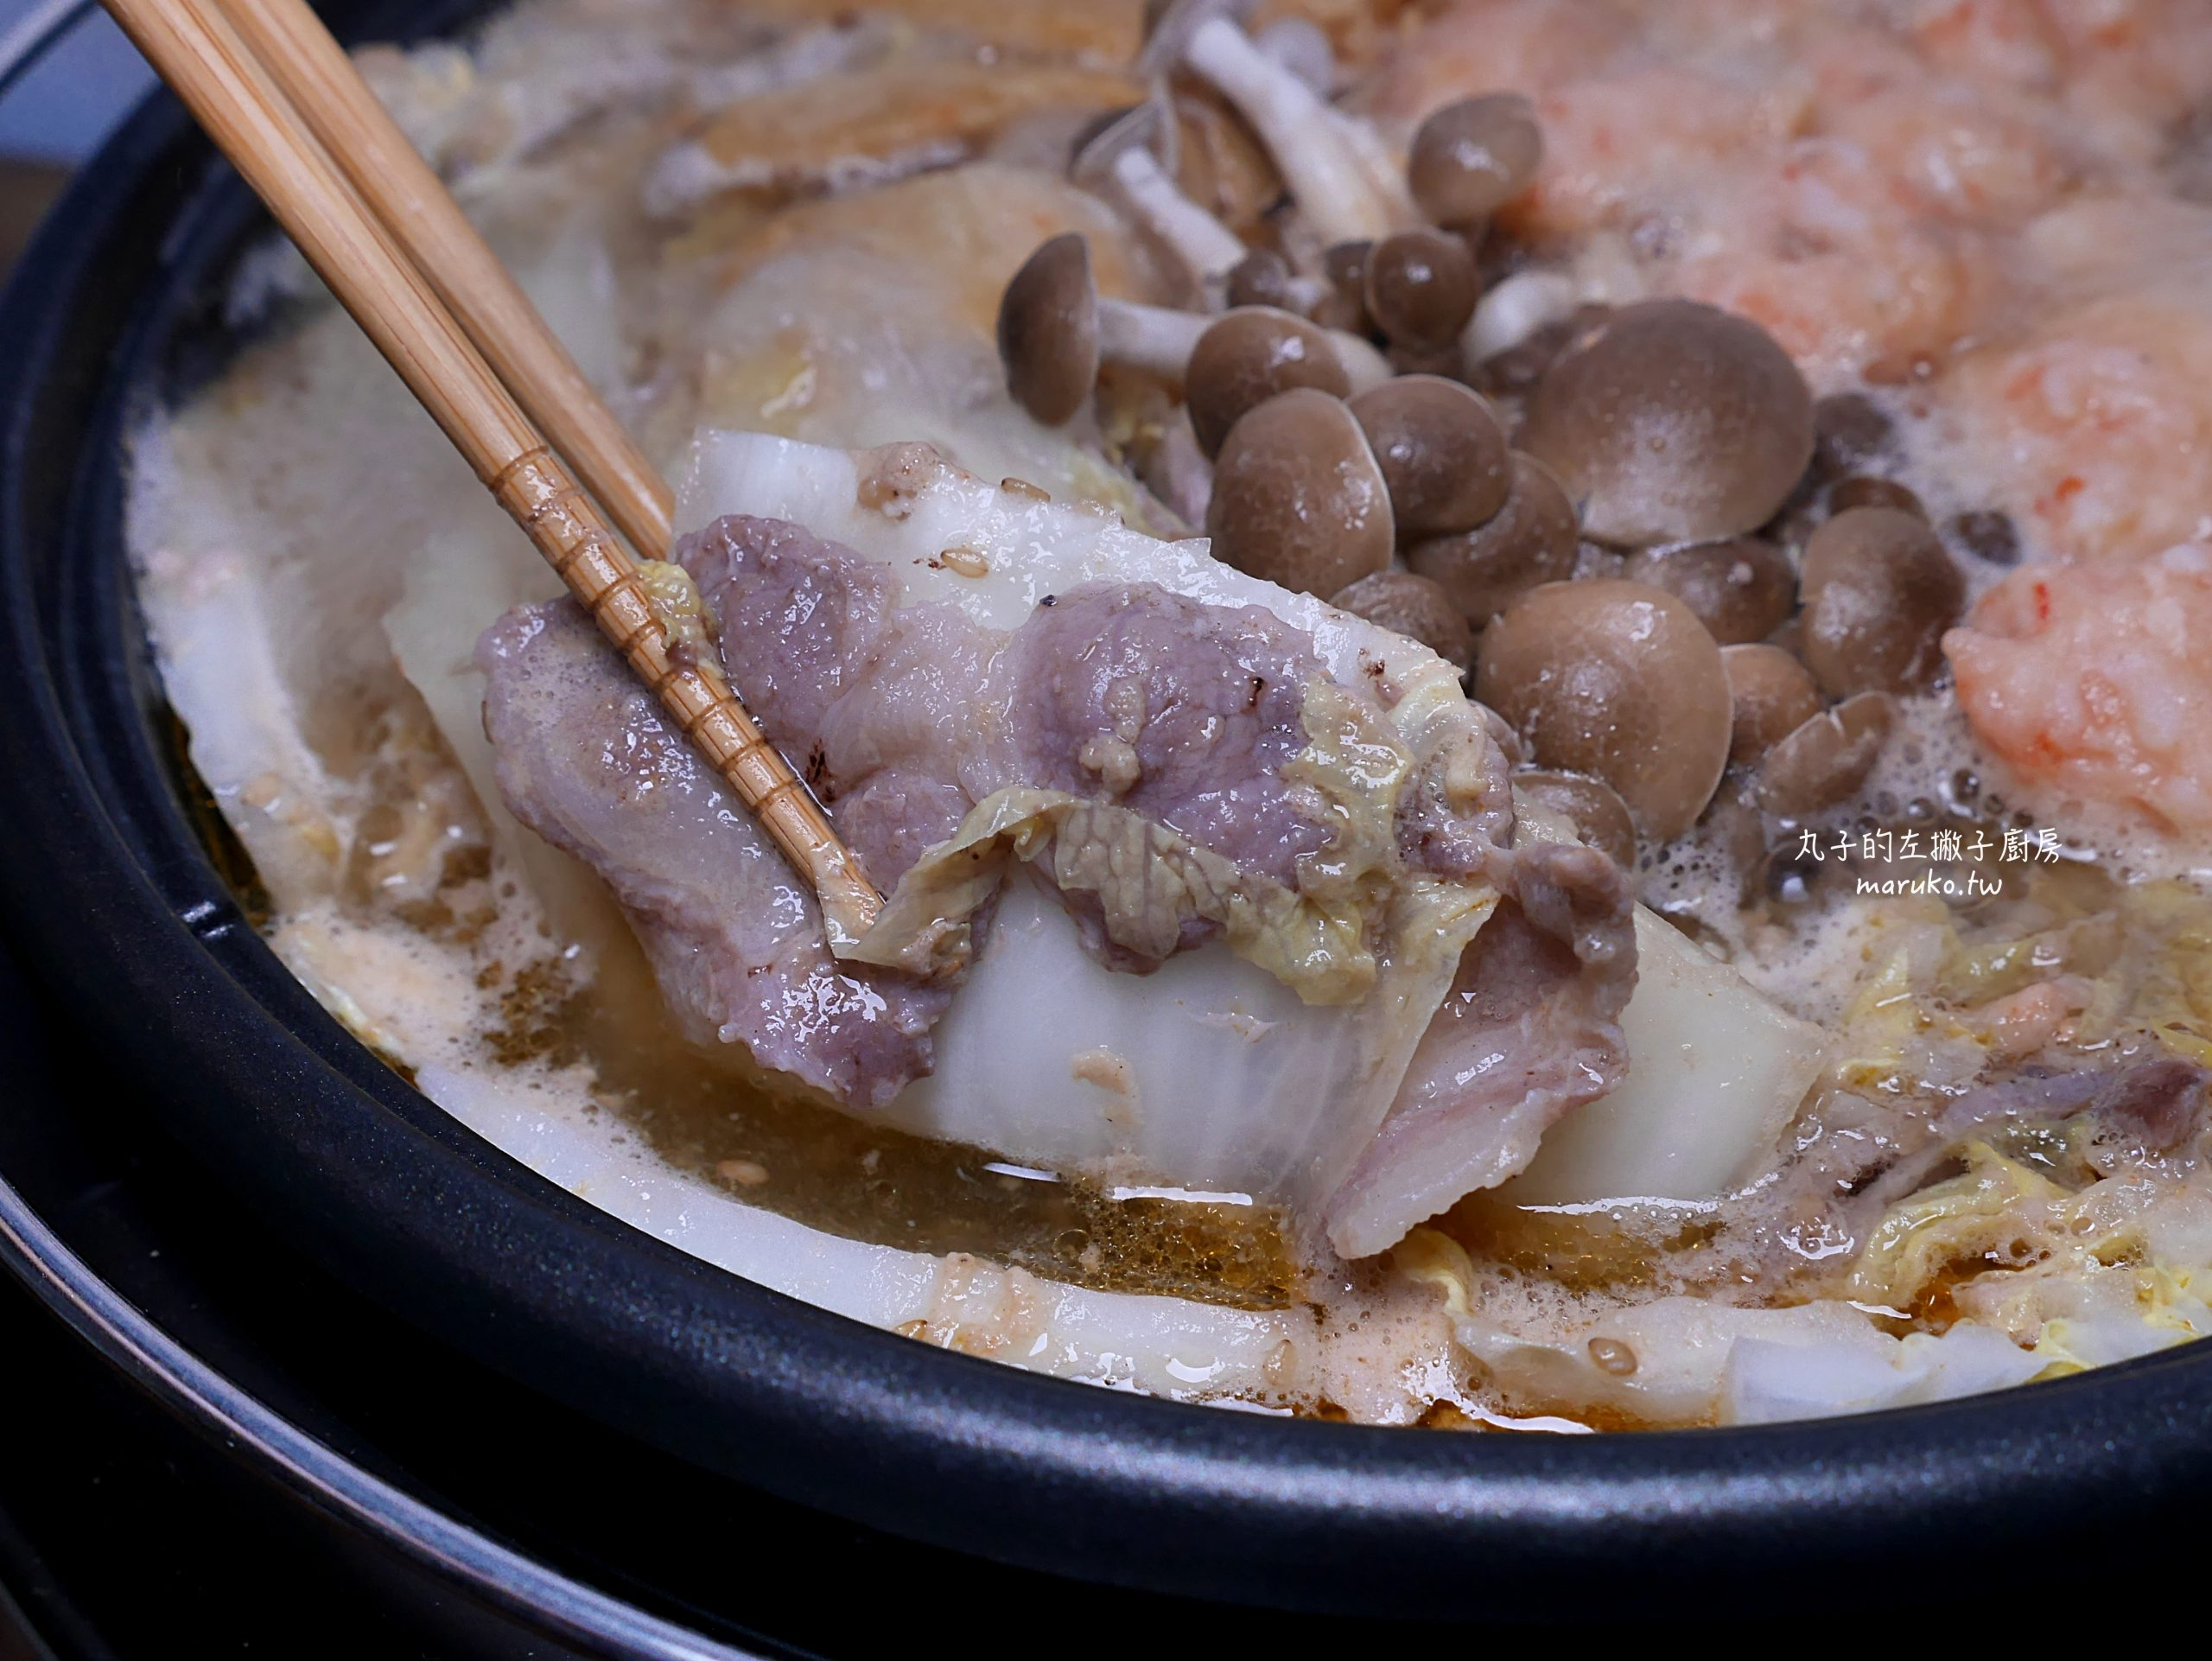 【食譜】千層白菜豬肉鍋|自製蝦頭味噌高湯做法 @Maruko與美食有個約會